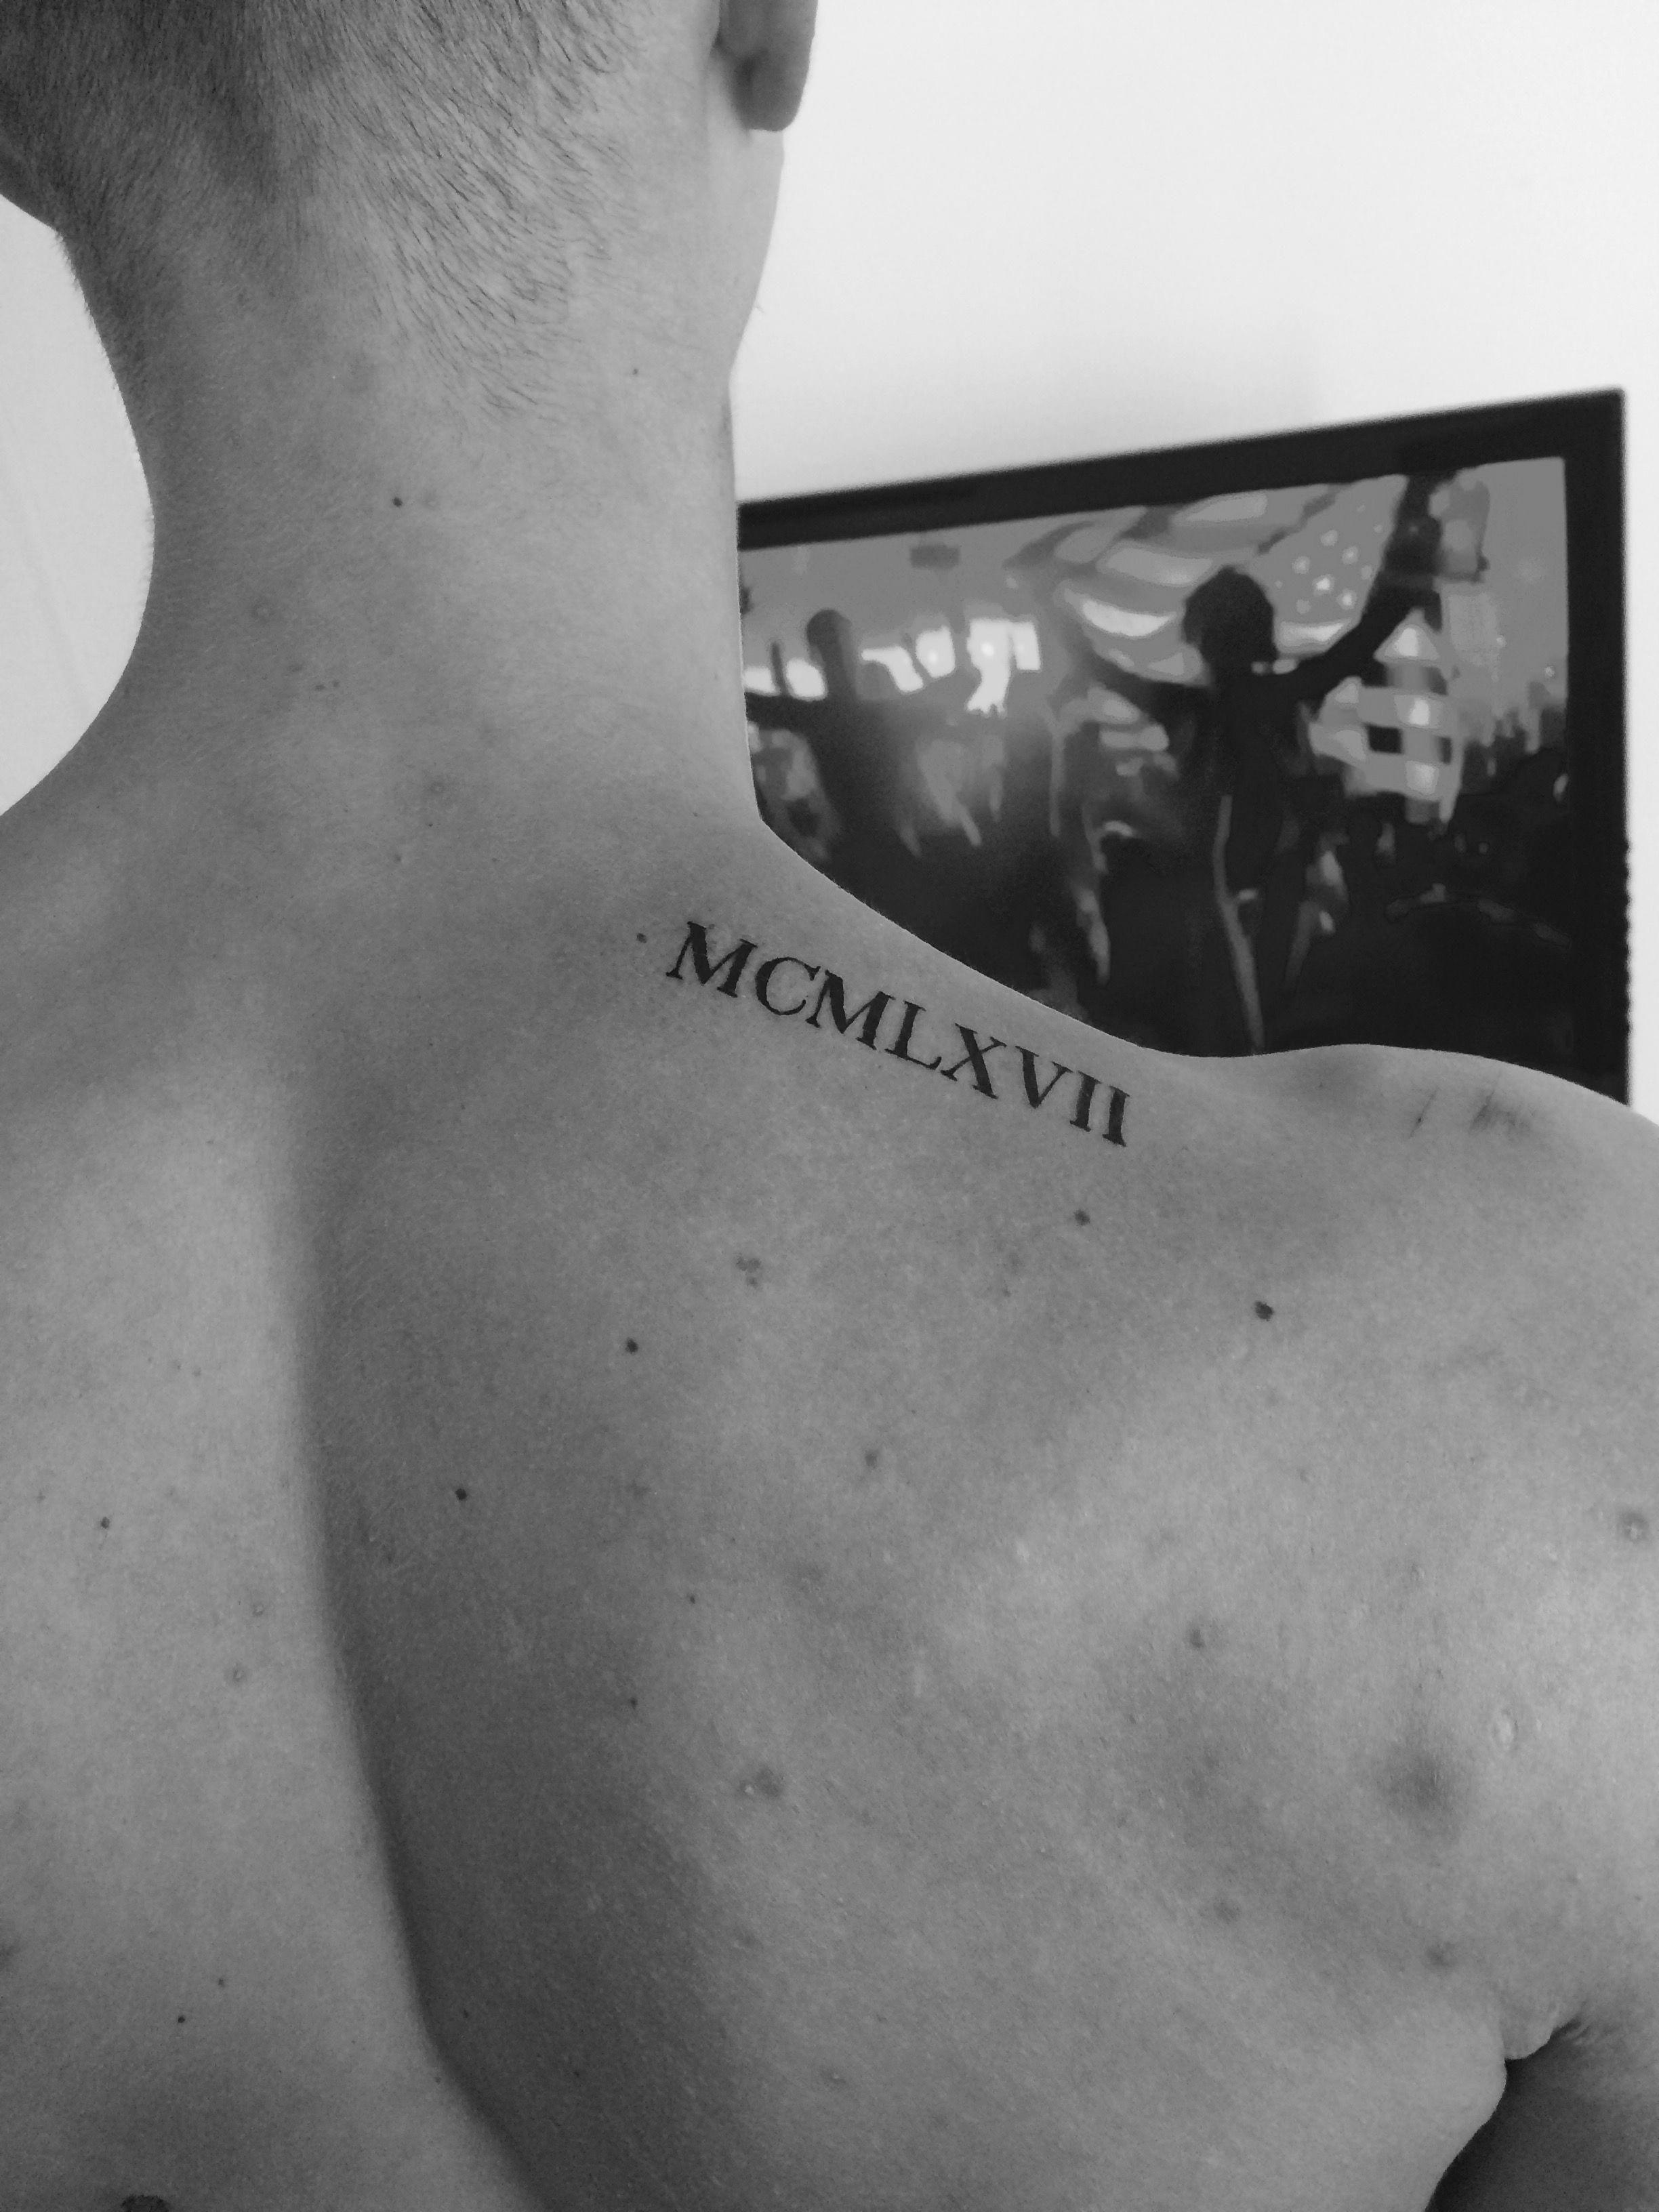 Roman Numerals Tattoo Tattoosformen Roman Numeral Tattoos